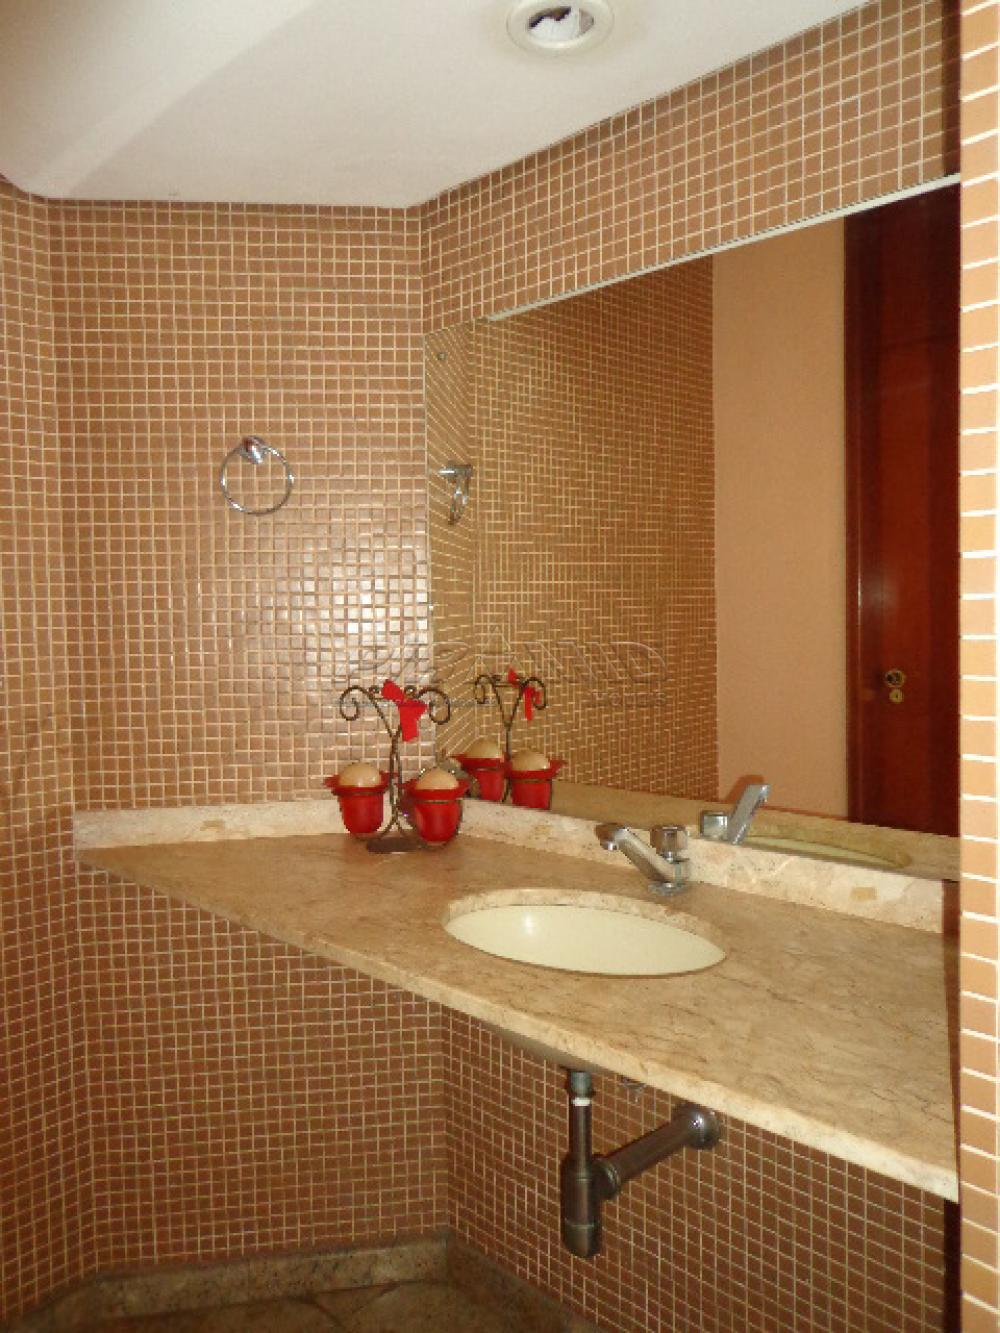 Comprar Apartamento / Padrão em Ribeirão Preto apenas R$ 450.000,00 - Foto 35